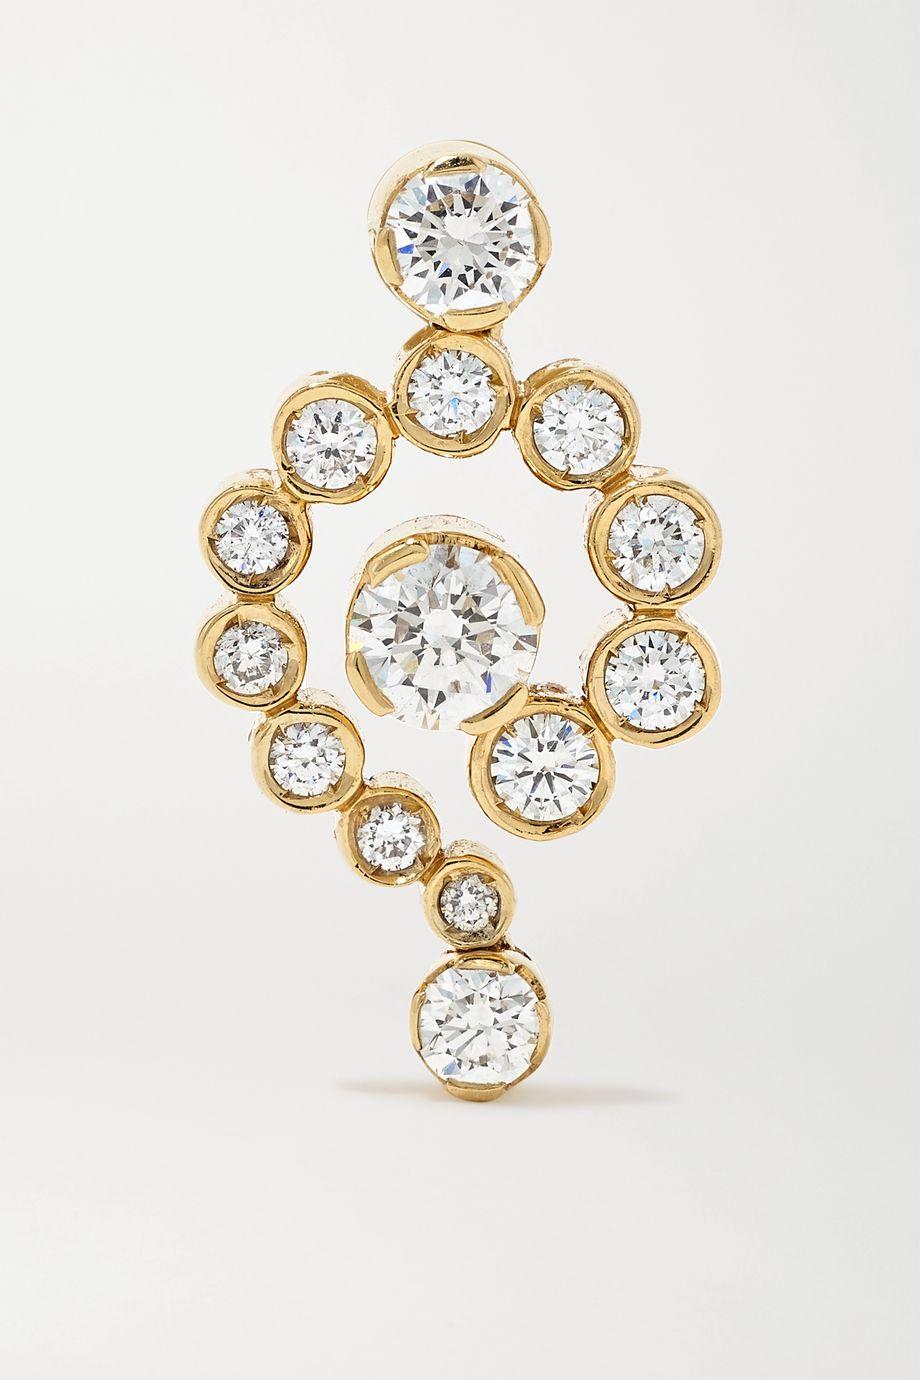 Sophie Bille Brahe Escargot Anita 18-karat gold diamond earring